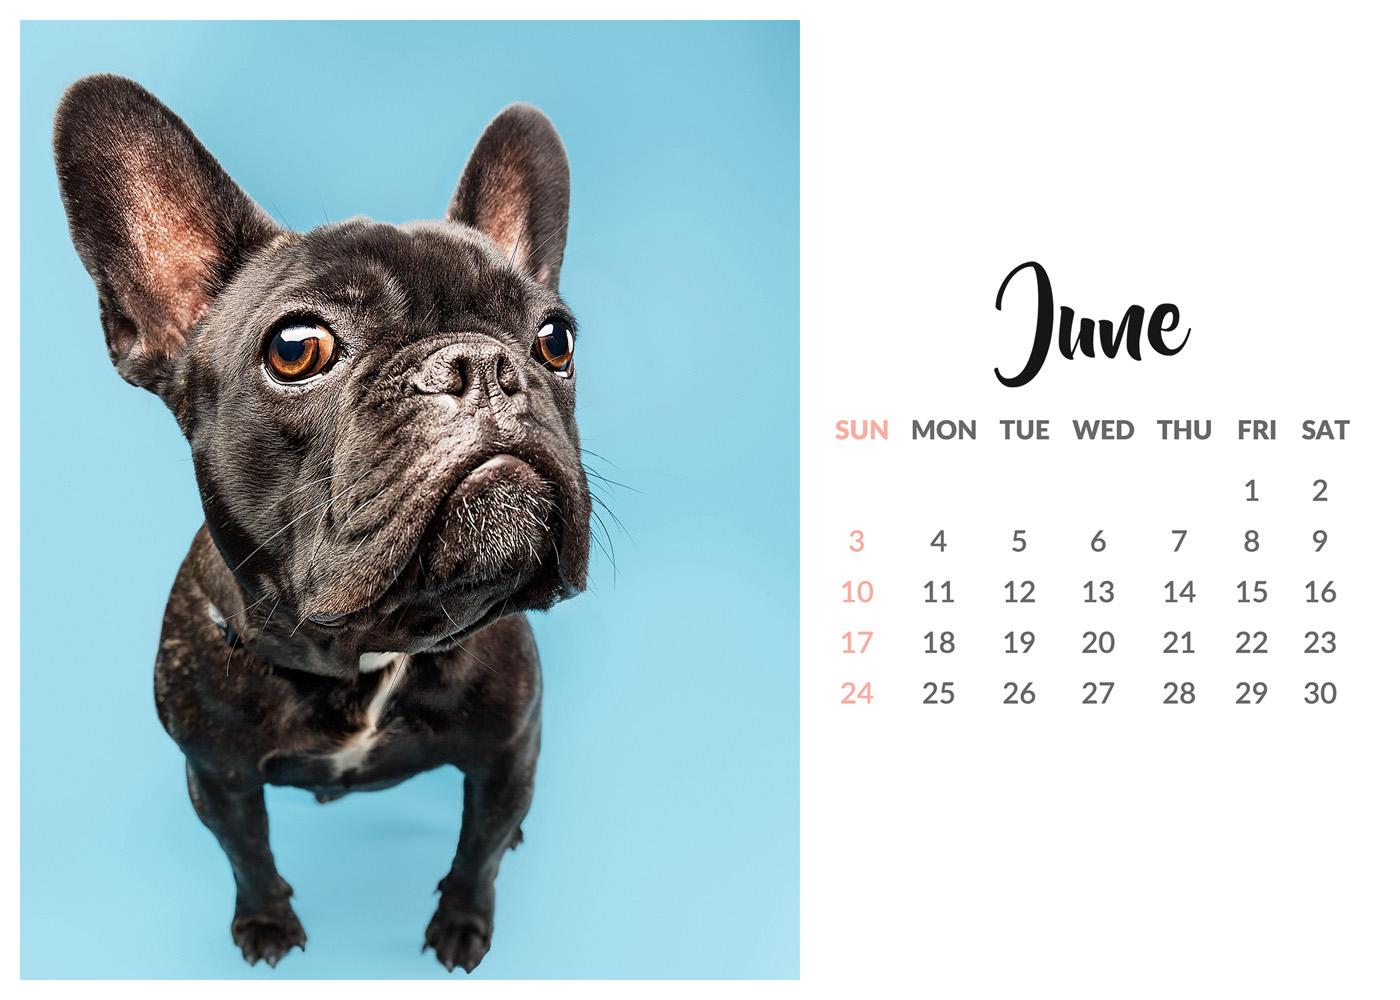 Dog freebies uk 2018